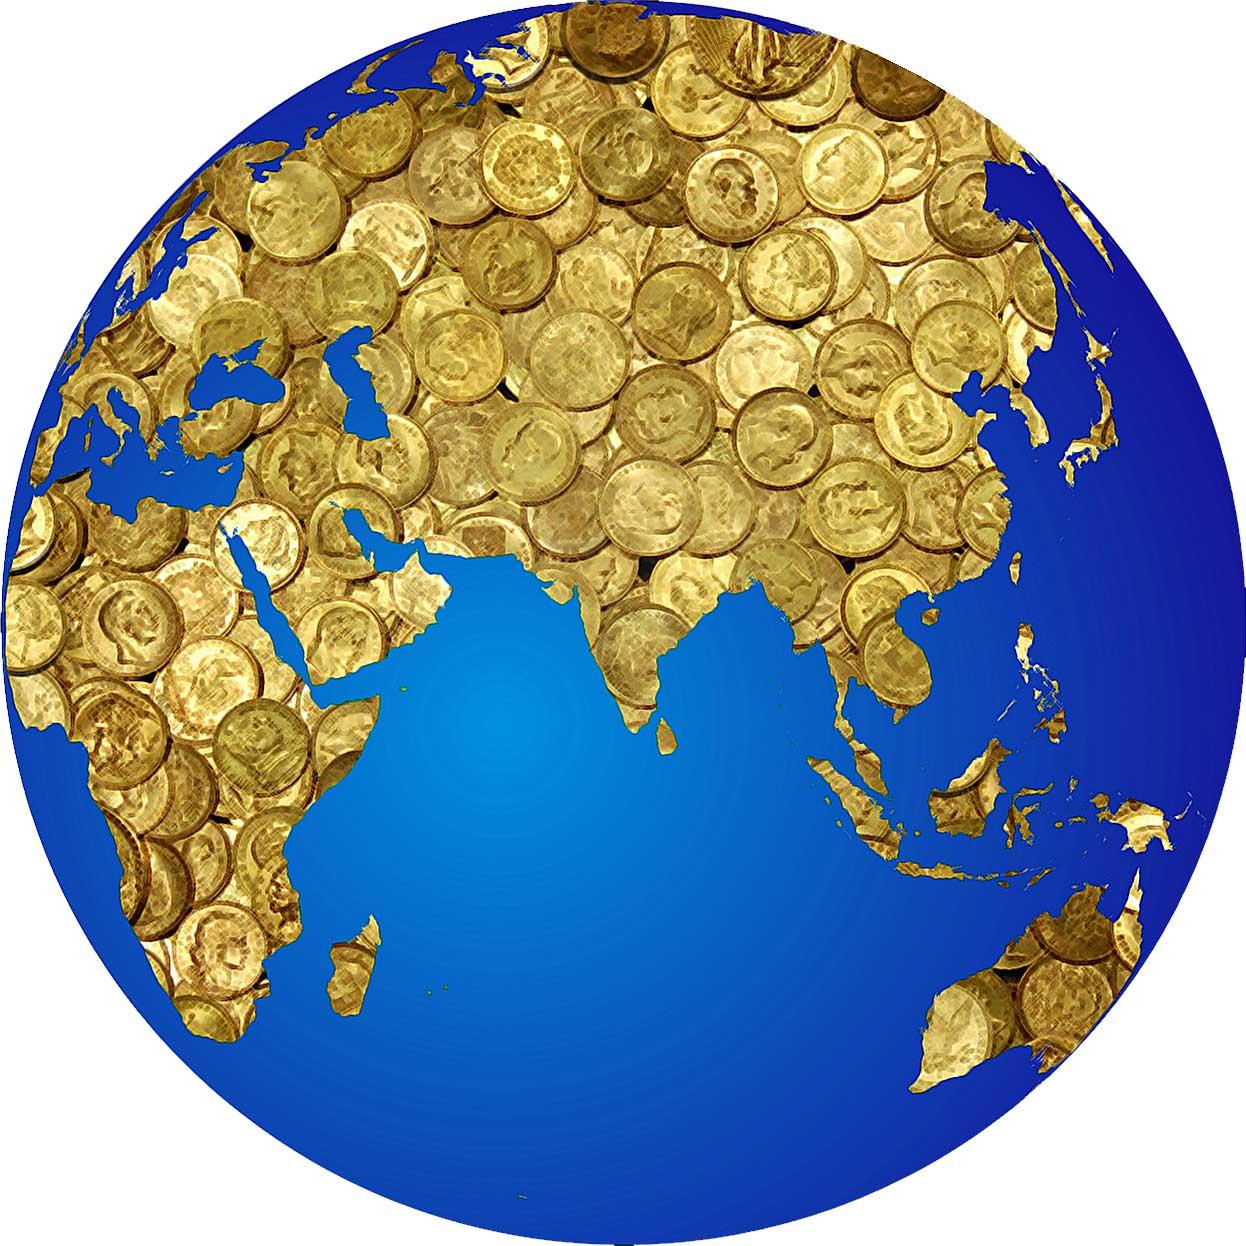 Goldnachfrage nach Preistief weltweit gestiegen